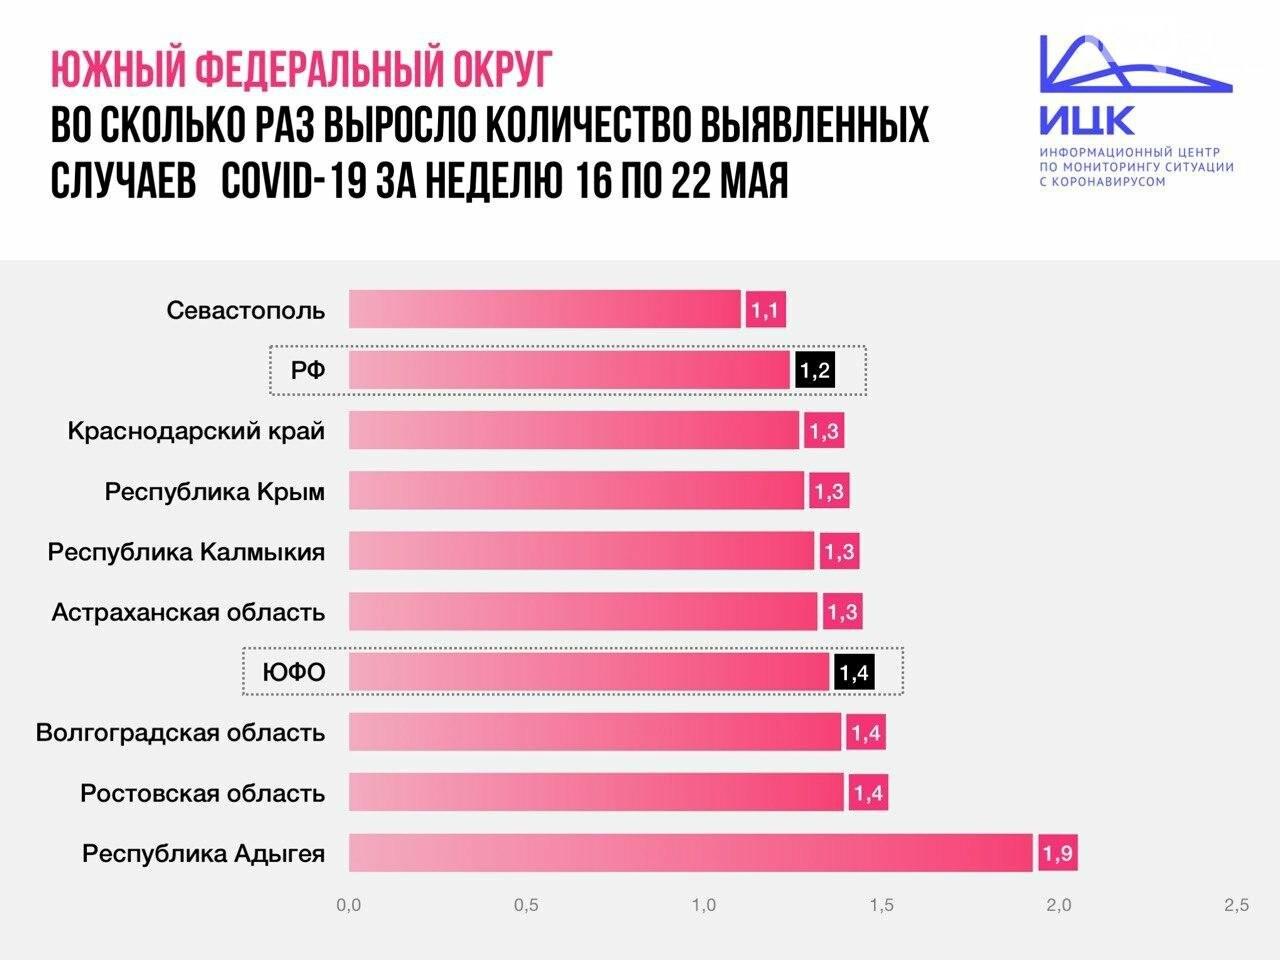 Прирост новых заболевших в Ростовской области превысил общероссийский показатель, фото-1